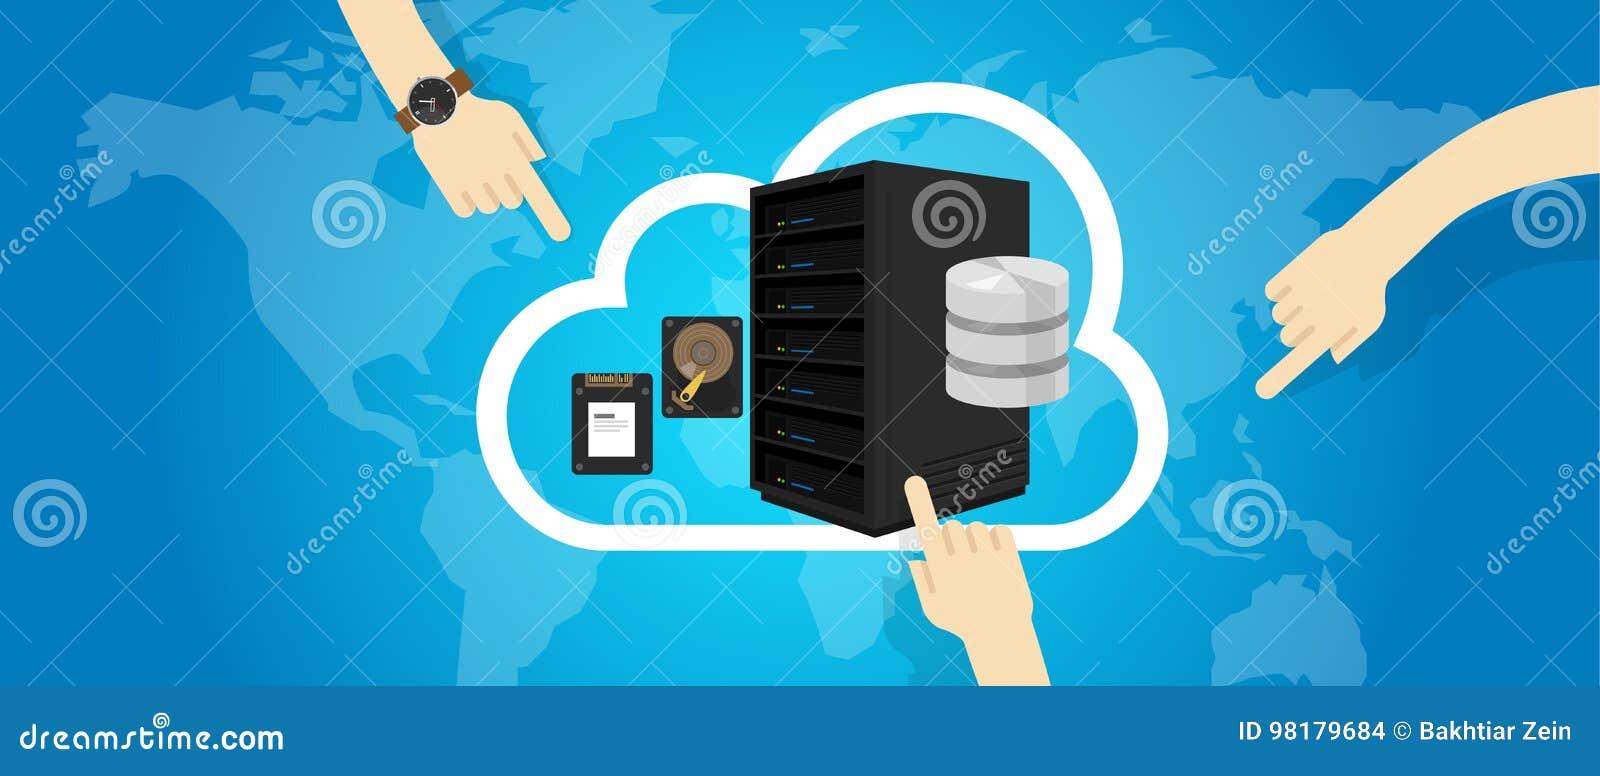 IaaS infrastruktur som en service på molninternethanden avgör valt